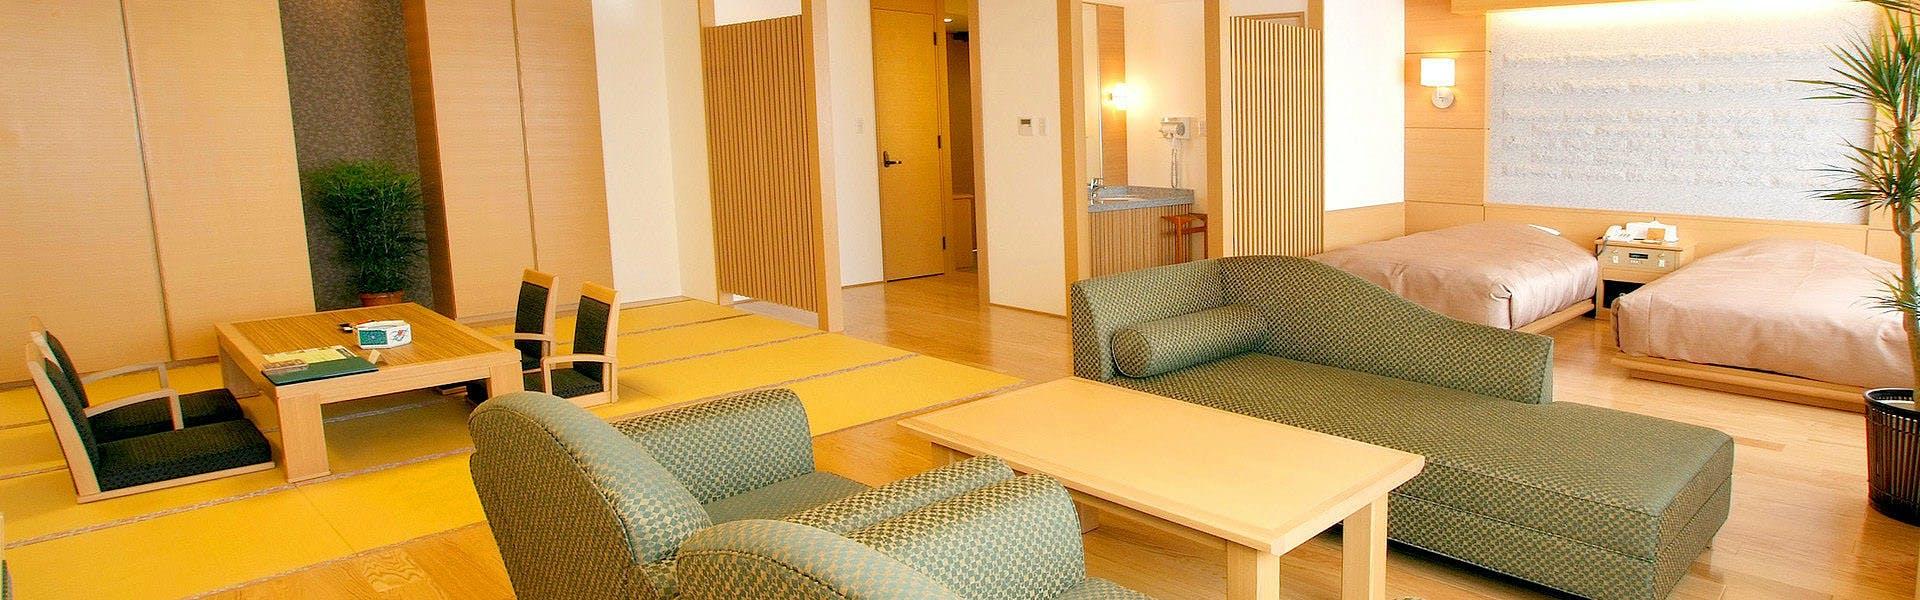 記念日におすすめのホテル・【知床第一ホテル】の写真2